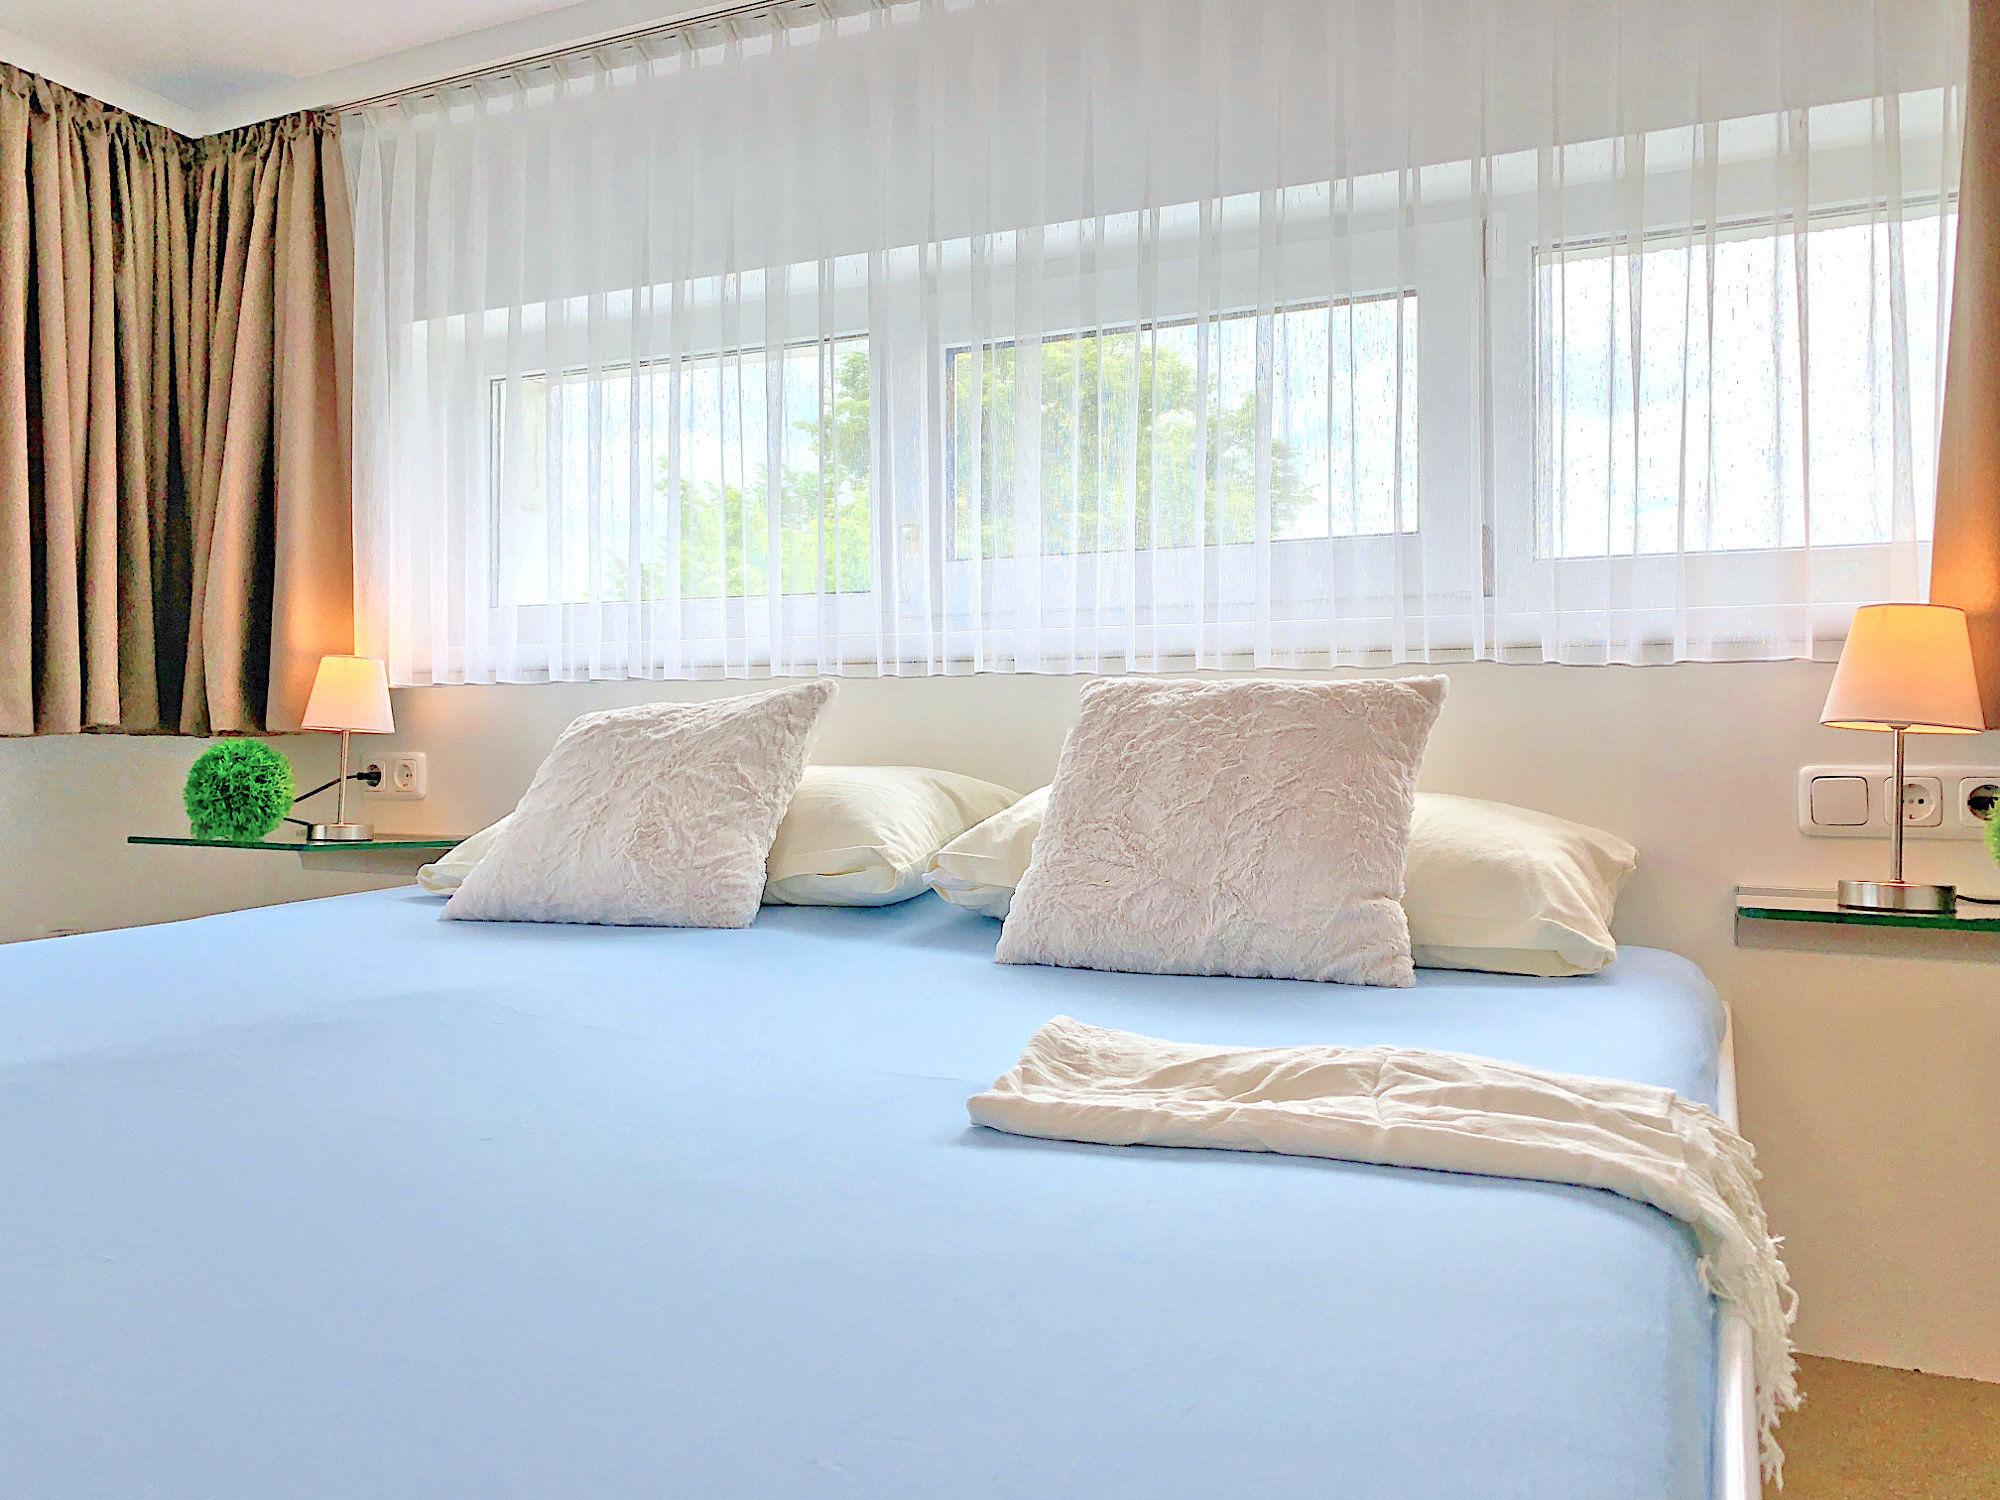 Zweites Schlafzimmer mit Doppelbett, am Kopfende breites Fenster